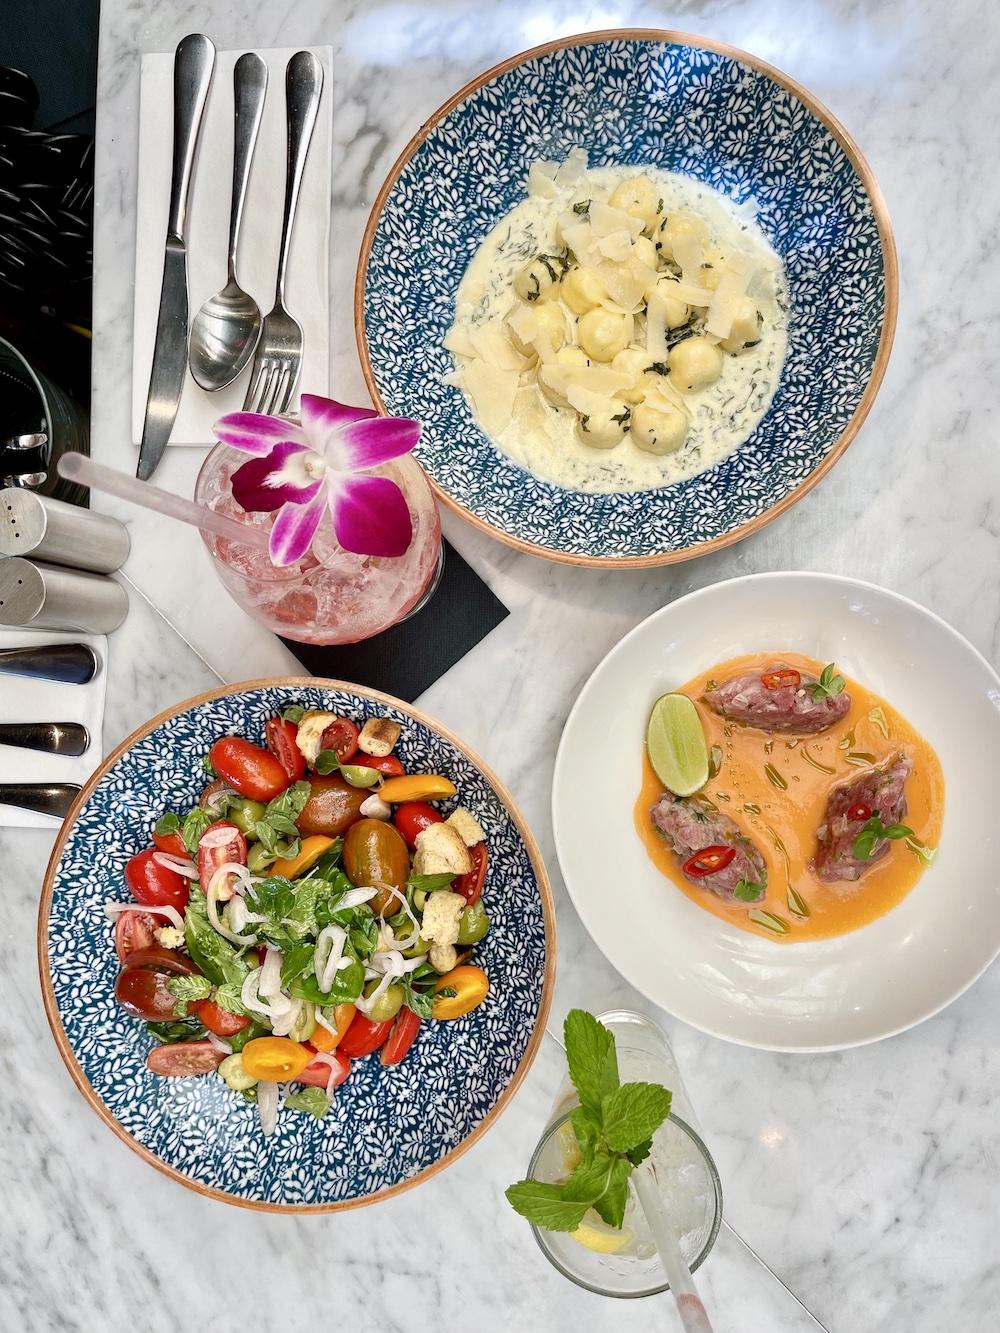 מסעדות איטלקיות מומלצות בחיפה ממבו מילאנו 9